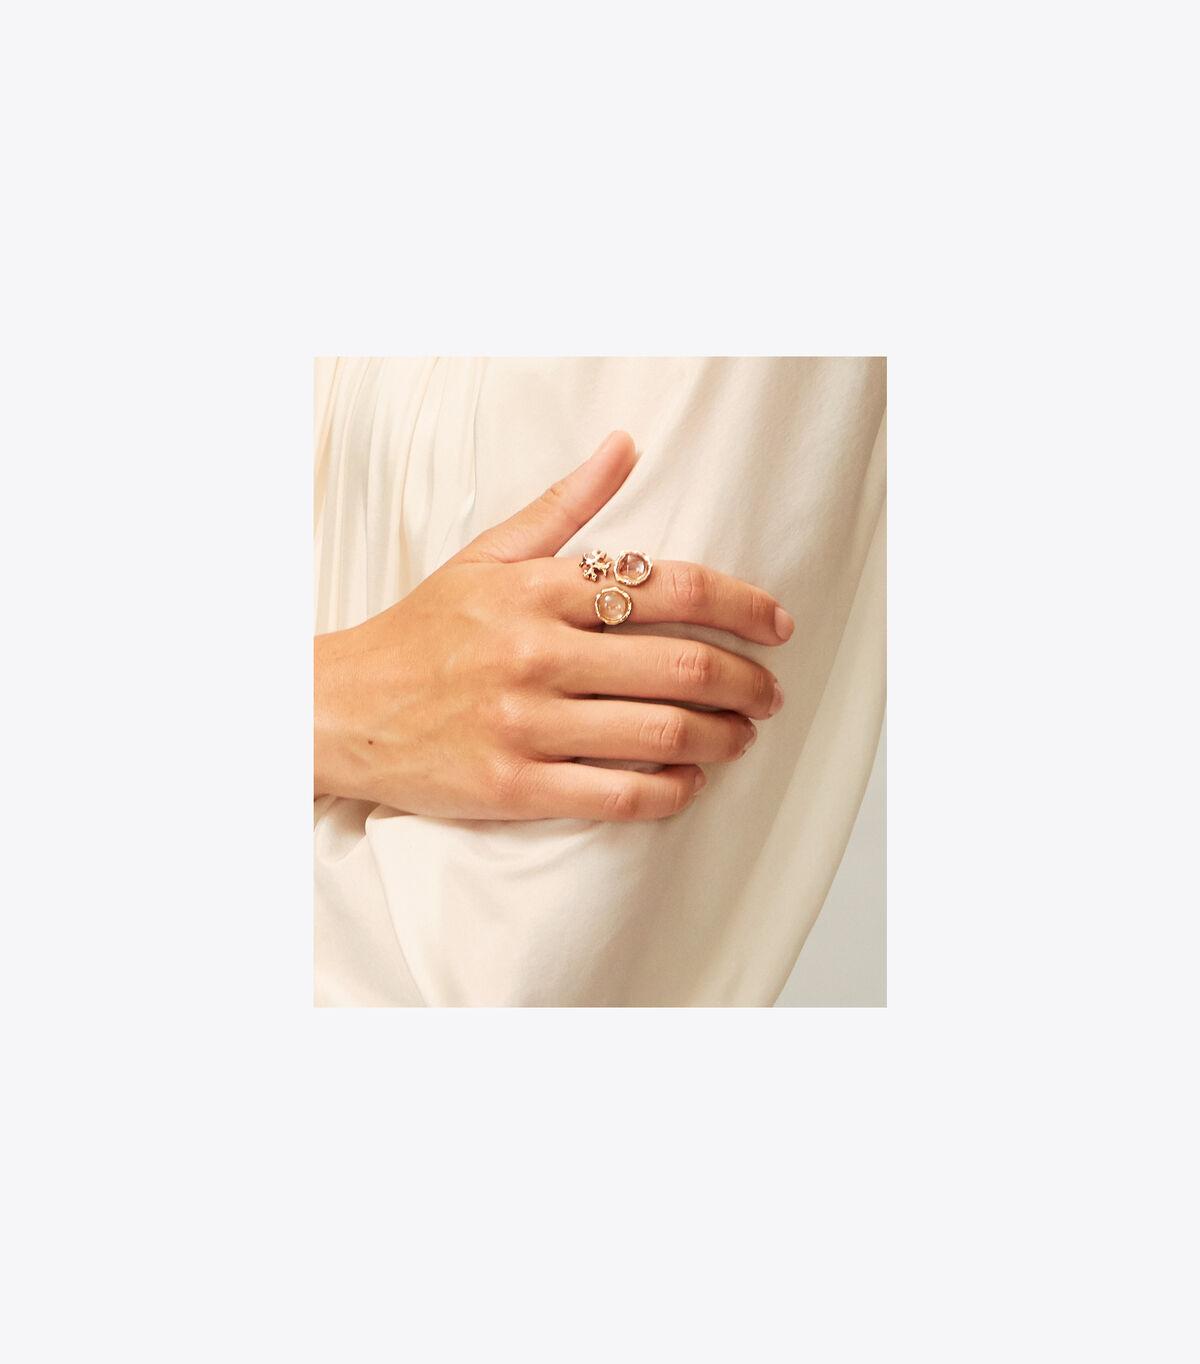 خاتم روكسان الصغير